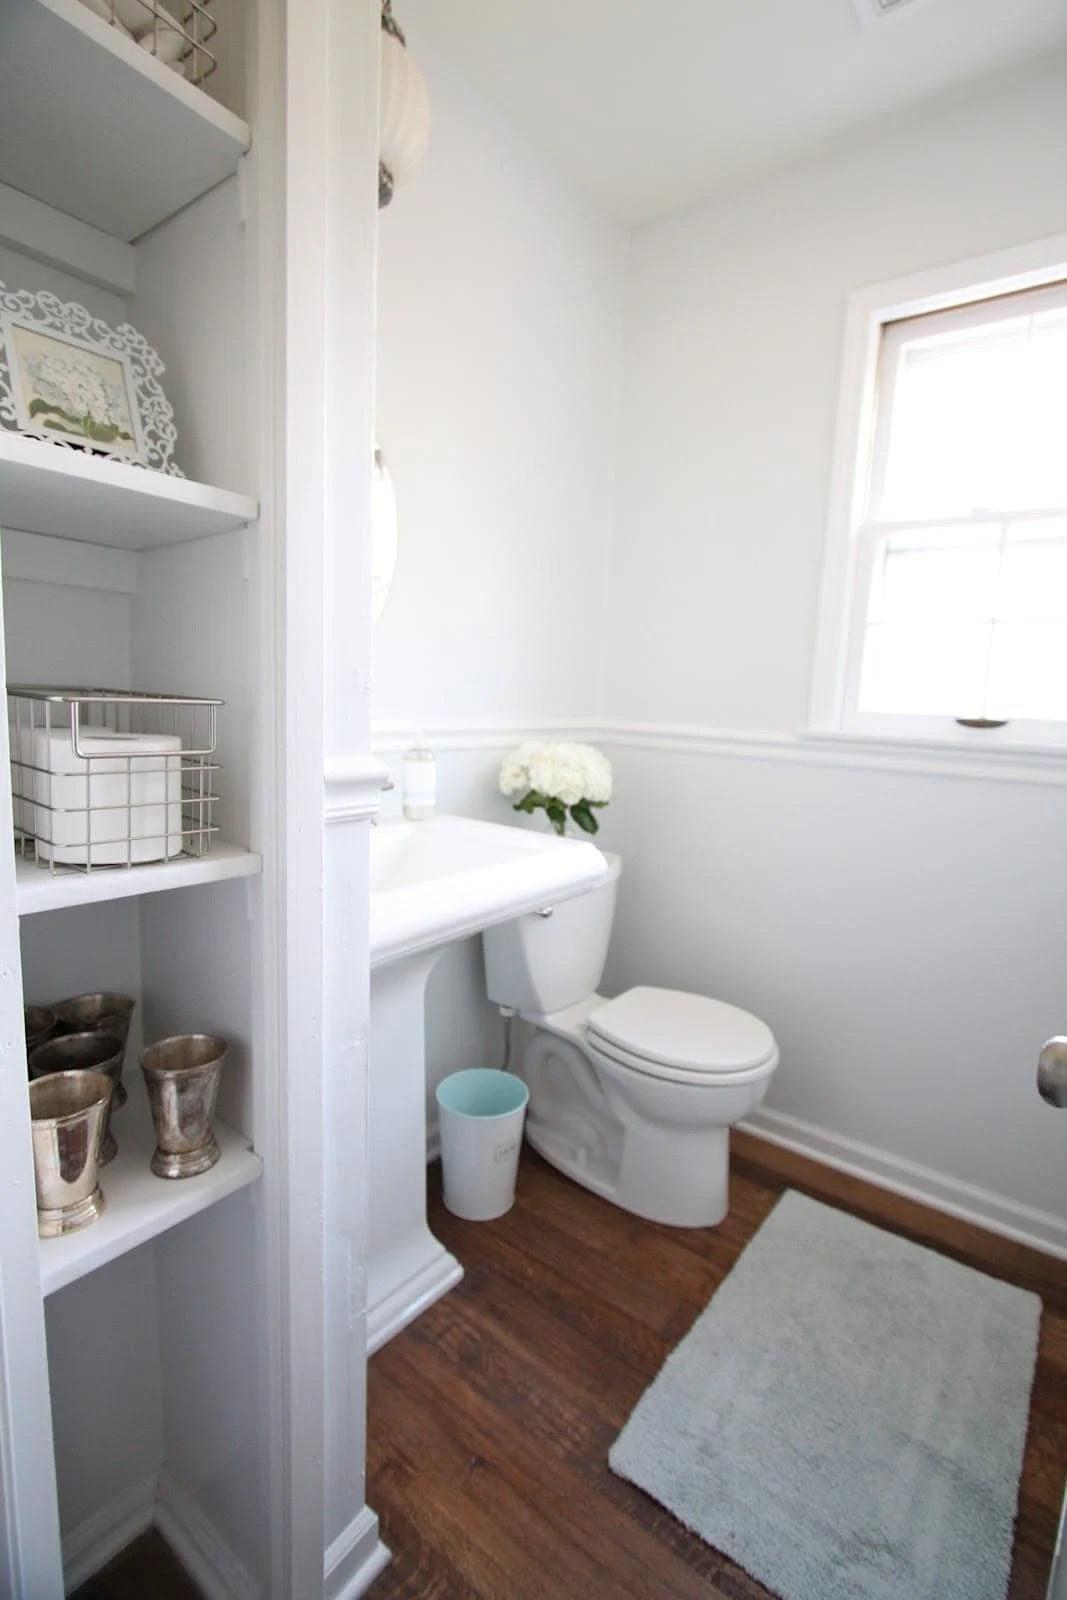 DIY Bathroom Remodel | Julie Blanner on Restroom Renovation  id=39835